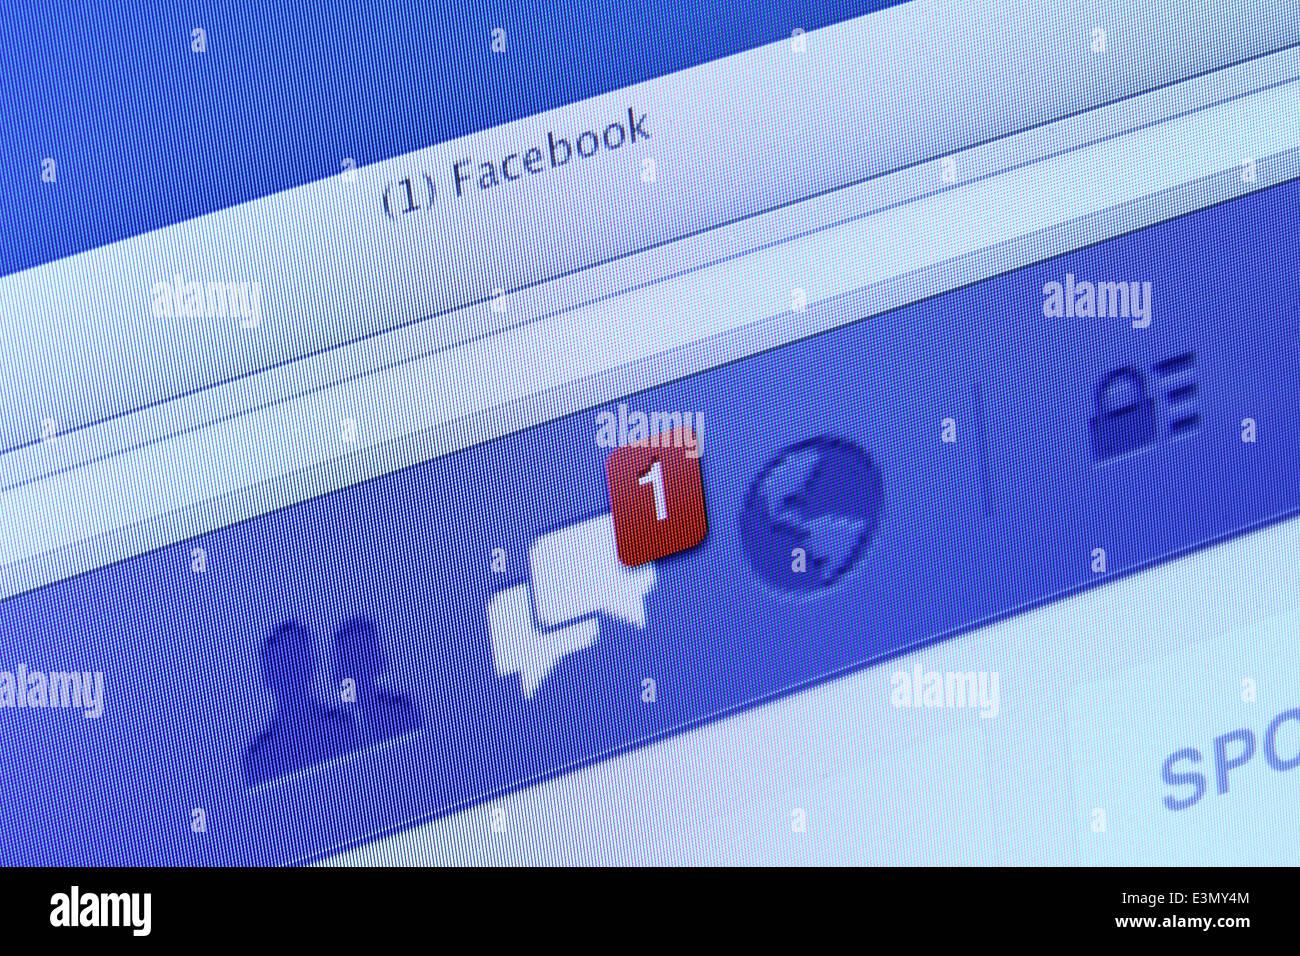 Las notificaciones de Facebook, y un mensaje en la pantalla del ordenador. Facebook es la red social más grande Imagen De Stock